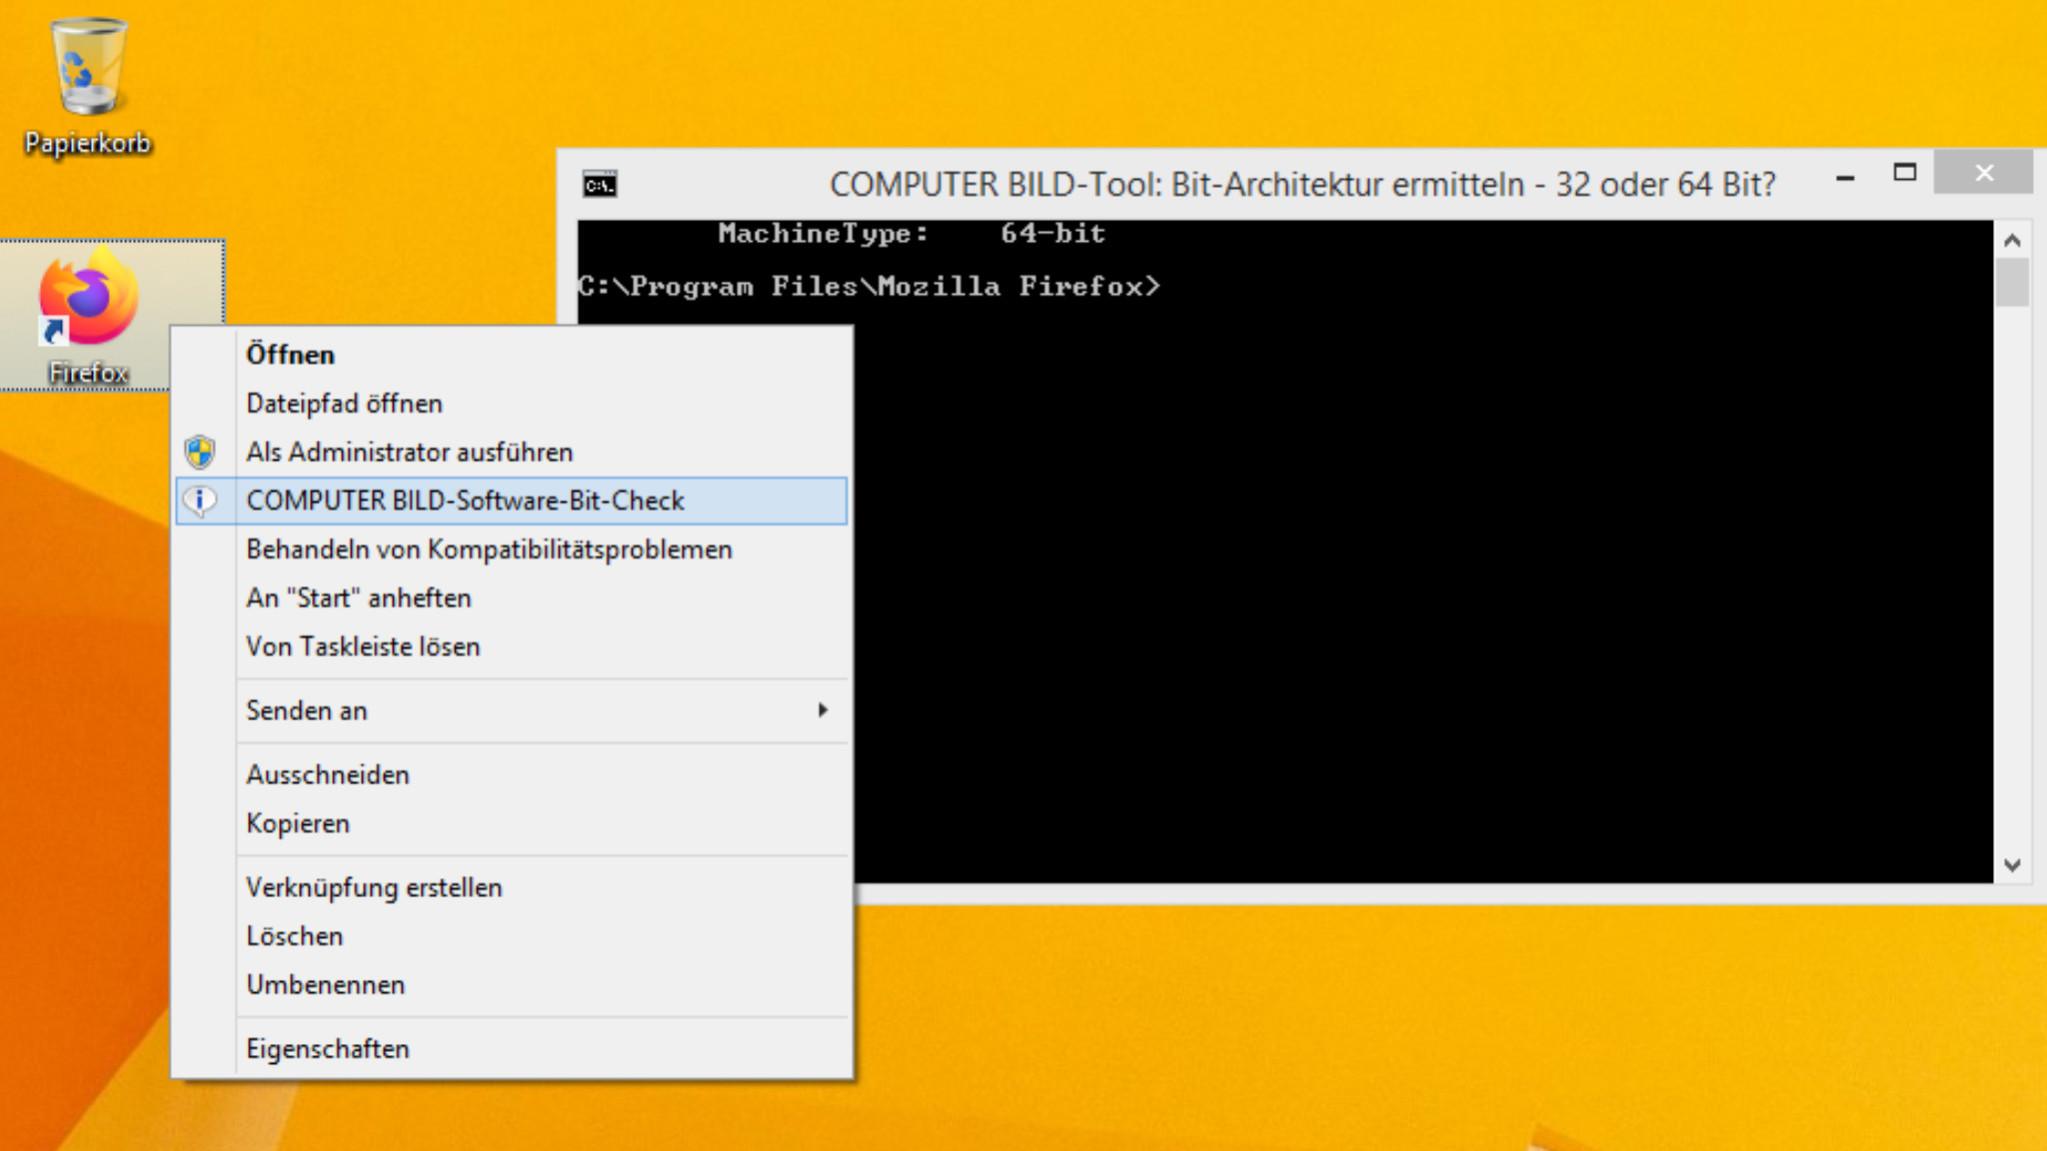 Screenshot 1 - COMPUTER BILD-Software-Bit-Check